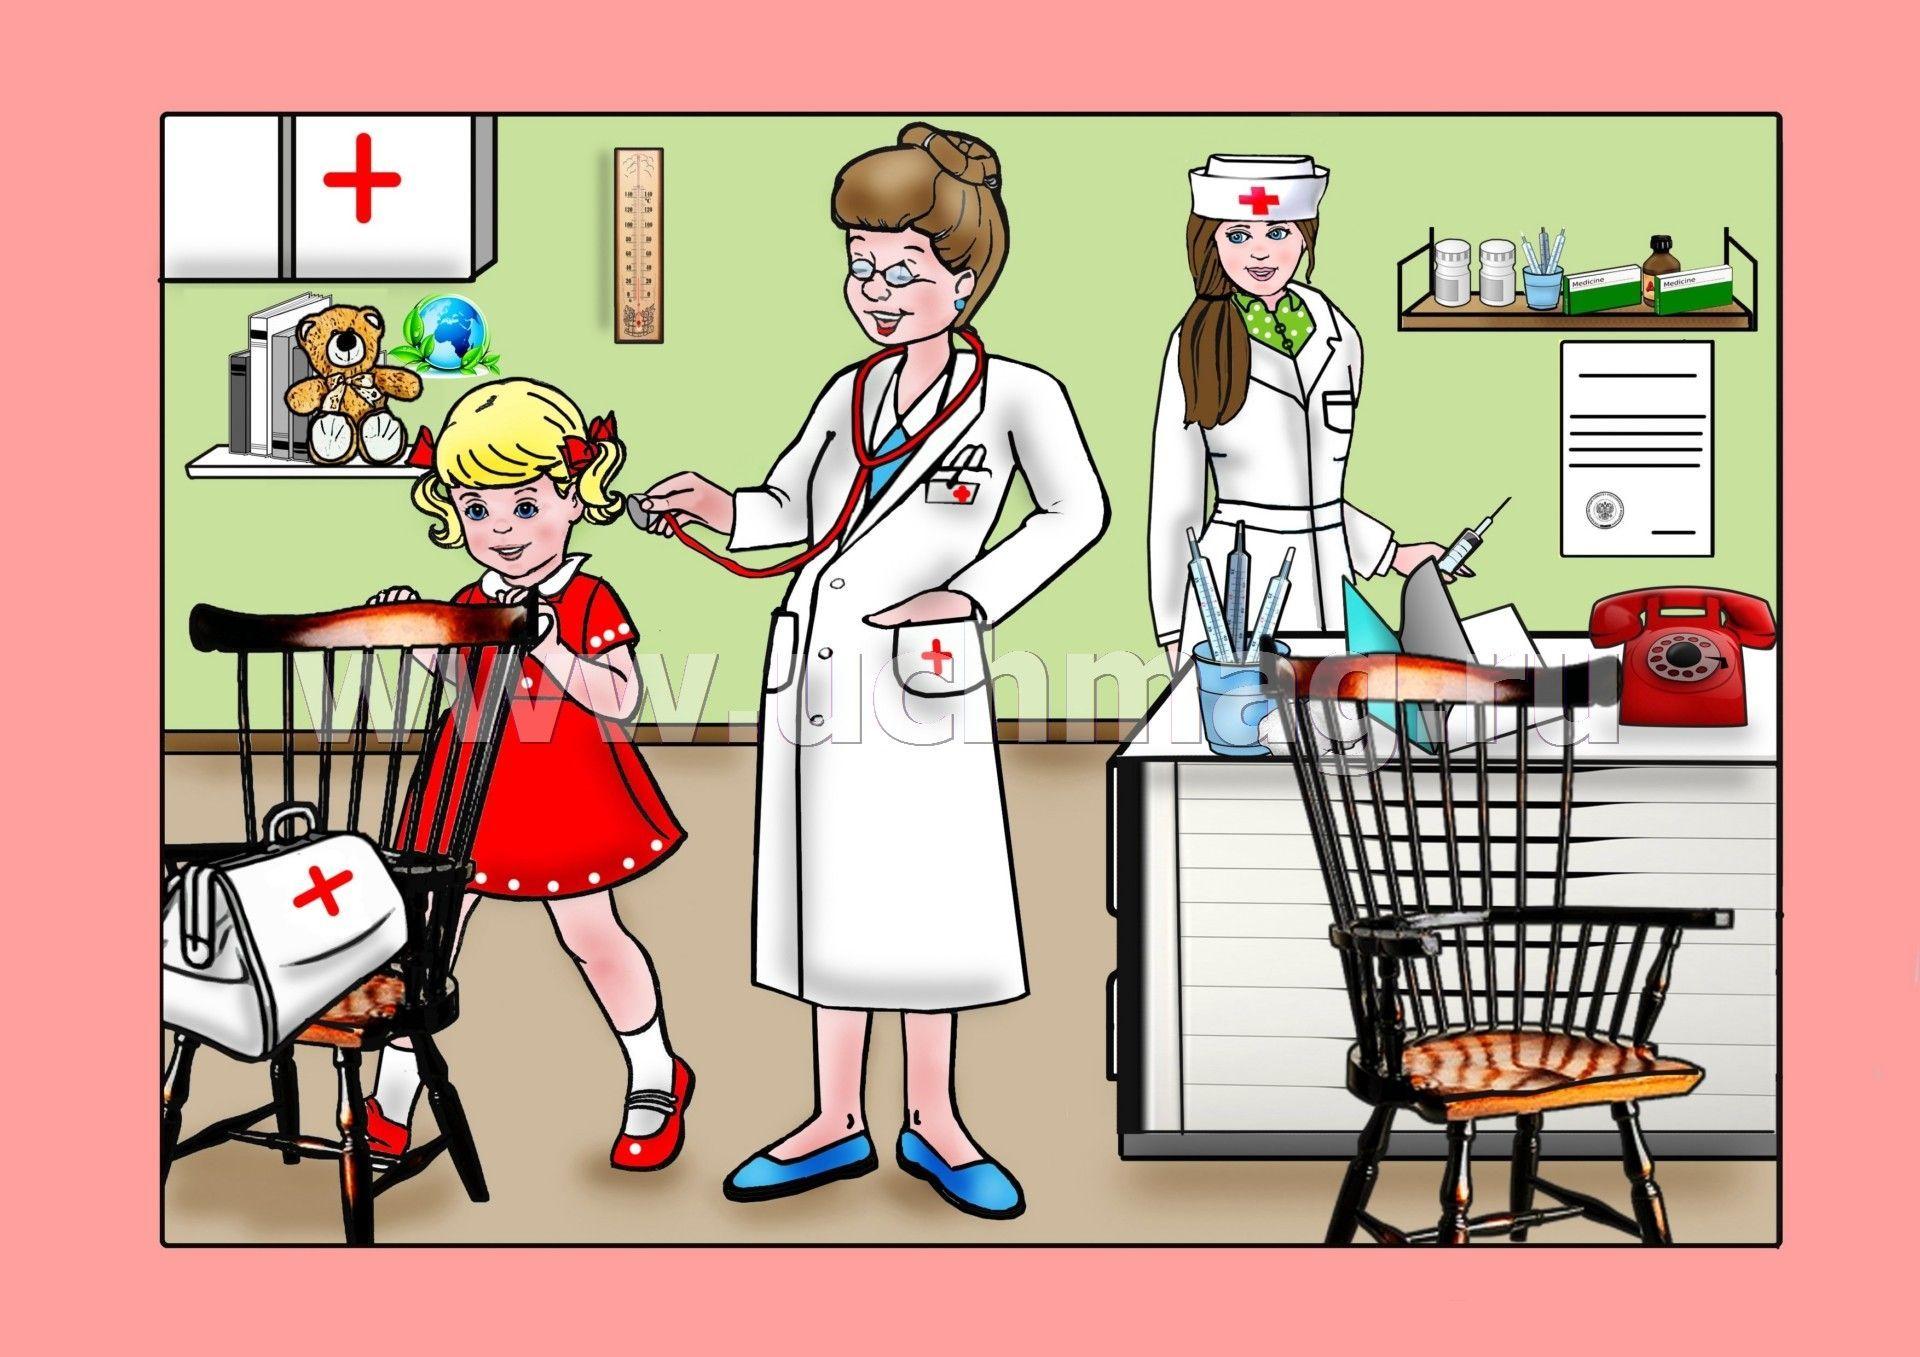 Рассказ сюжетно-ролевая игра больница скачать онлайн игру агент 007